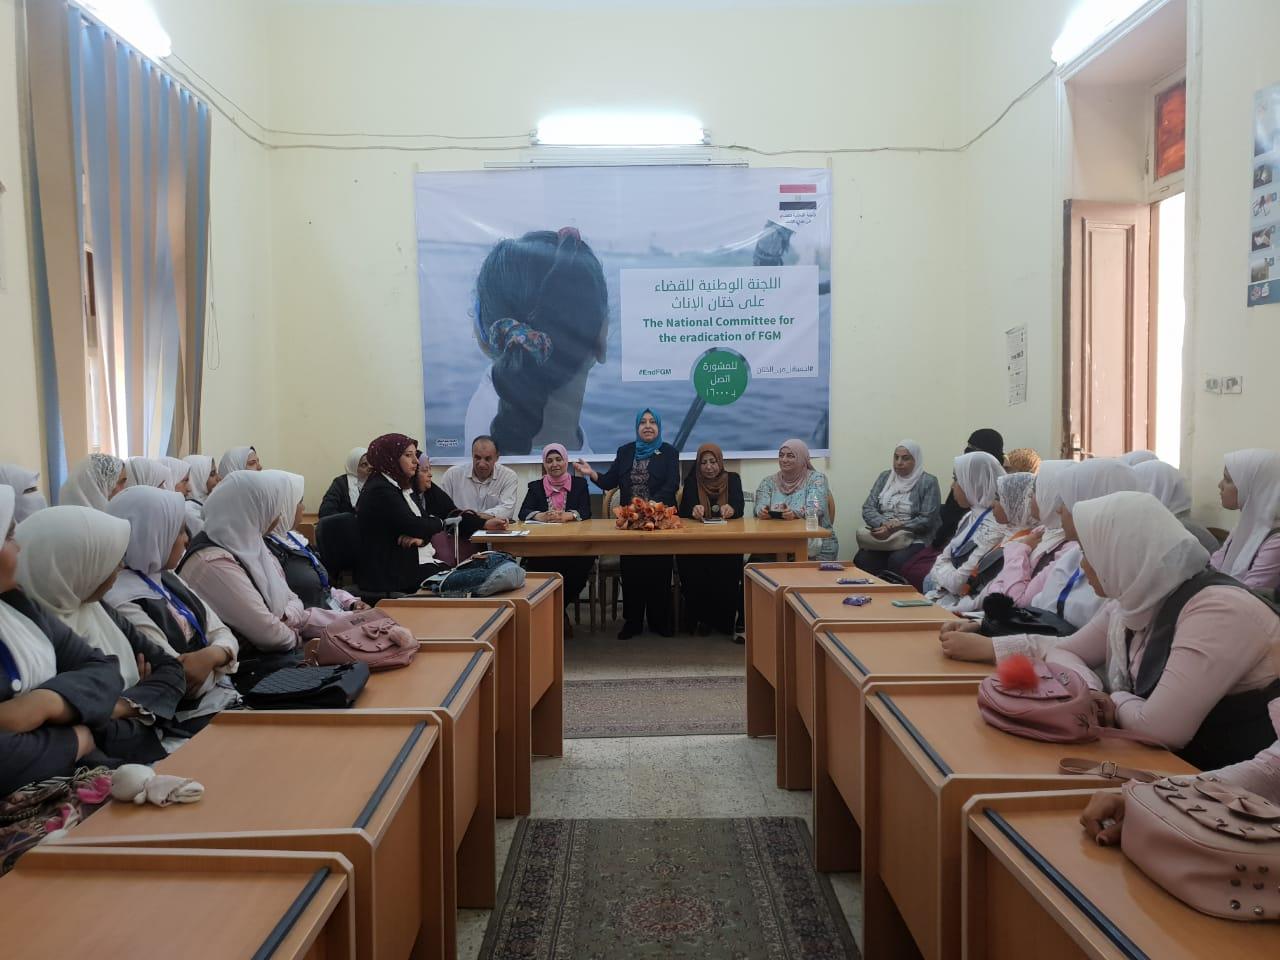 جانب من ندوة فرع المجلس القومي للمرأة بكفر الشيخ عن ختان الاناث  (1)